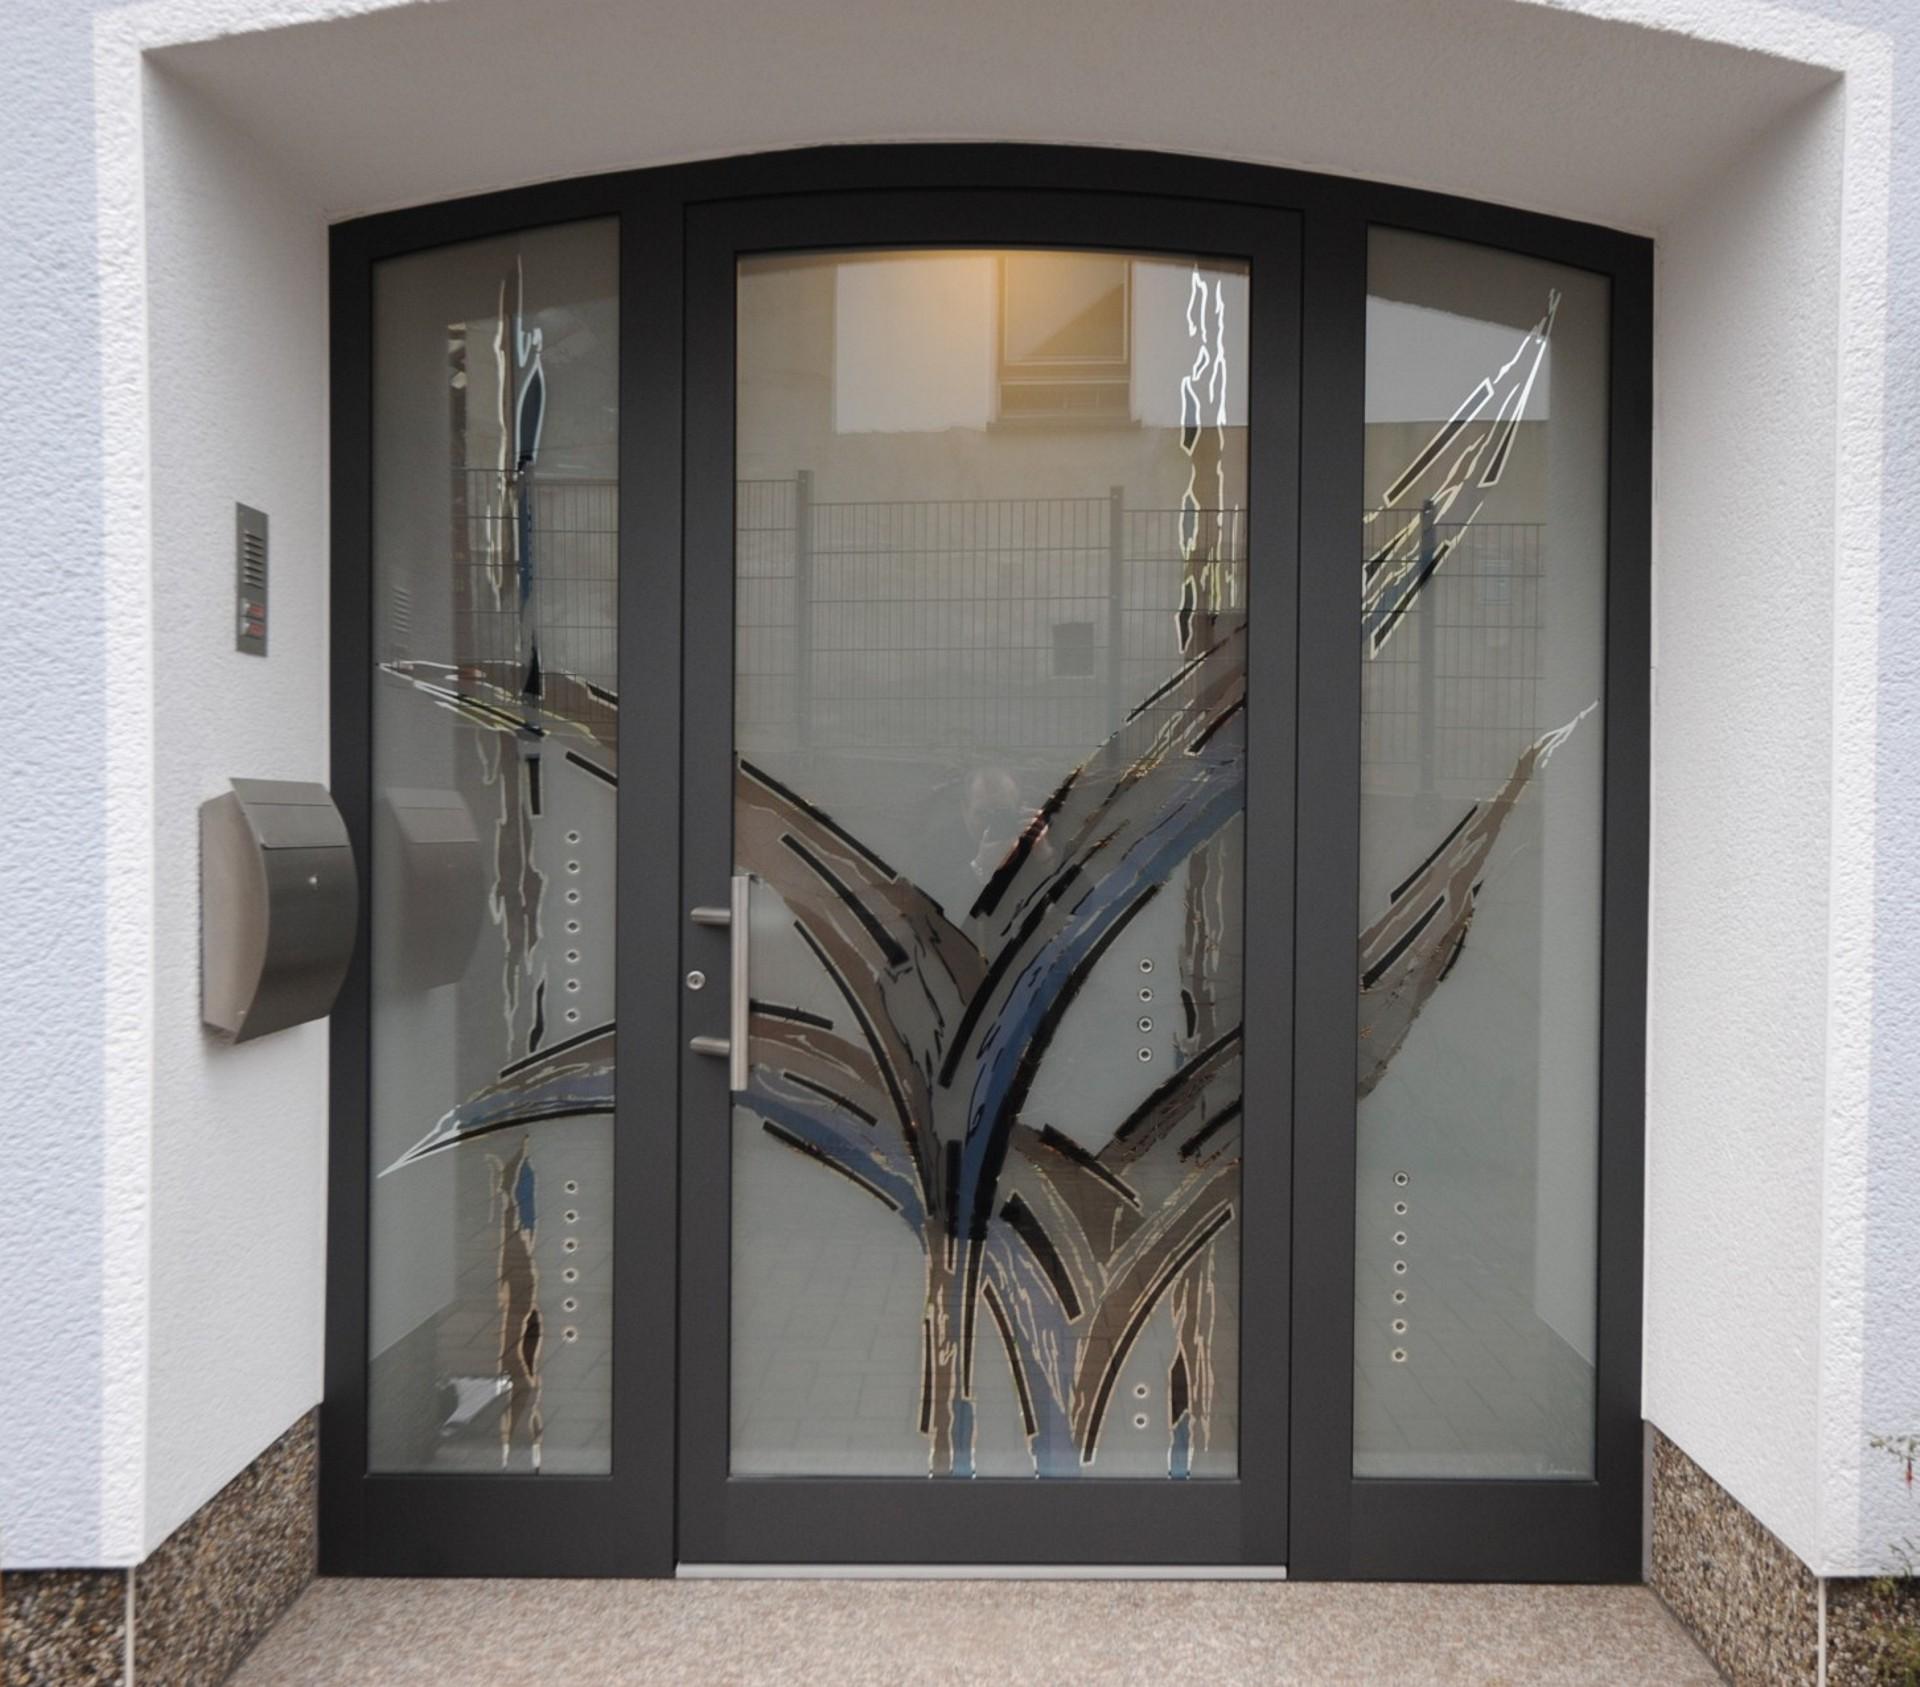 Kallenborn irsch gmbh glaskunst fenster t ren for Fenster 400x400